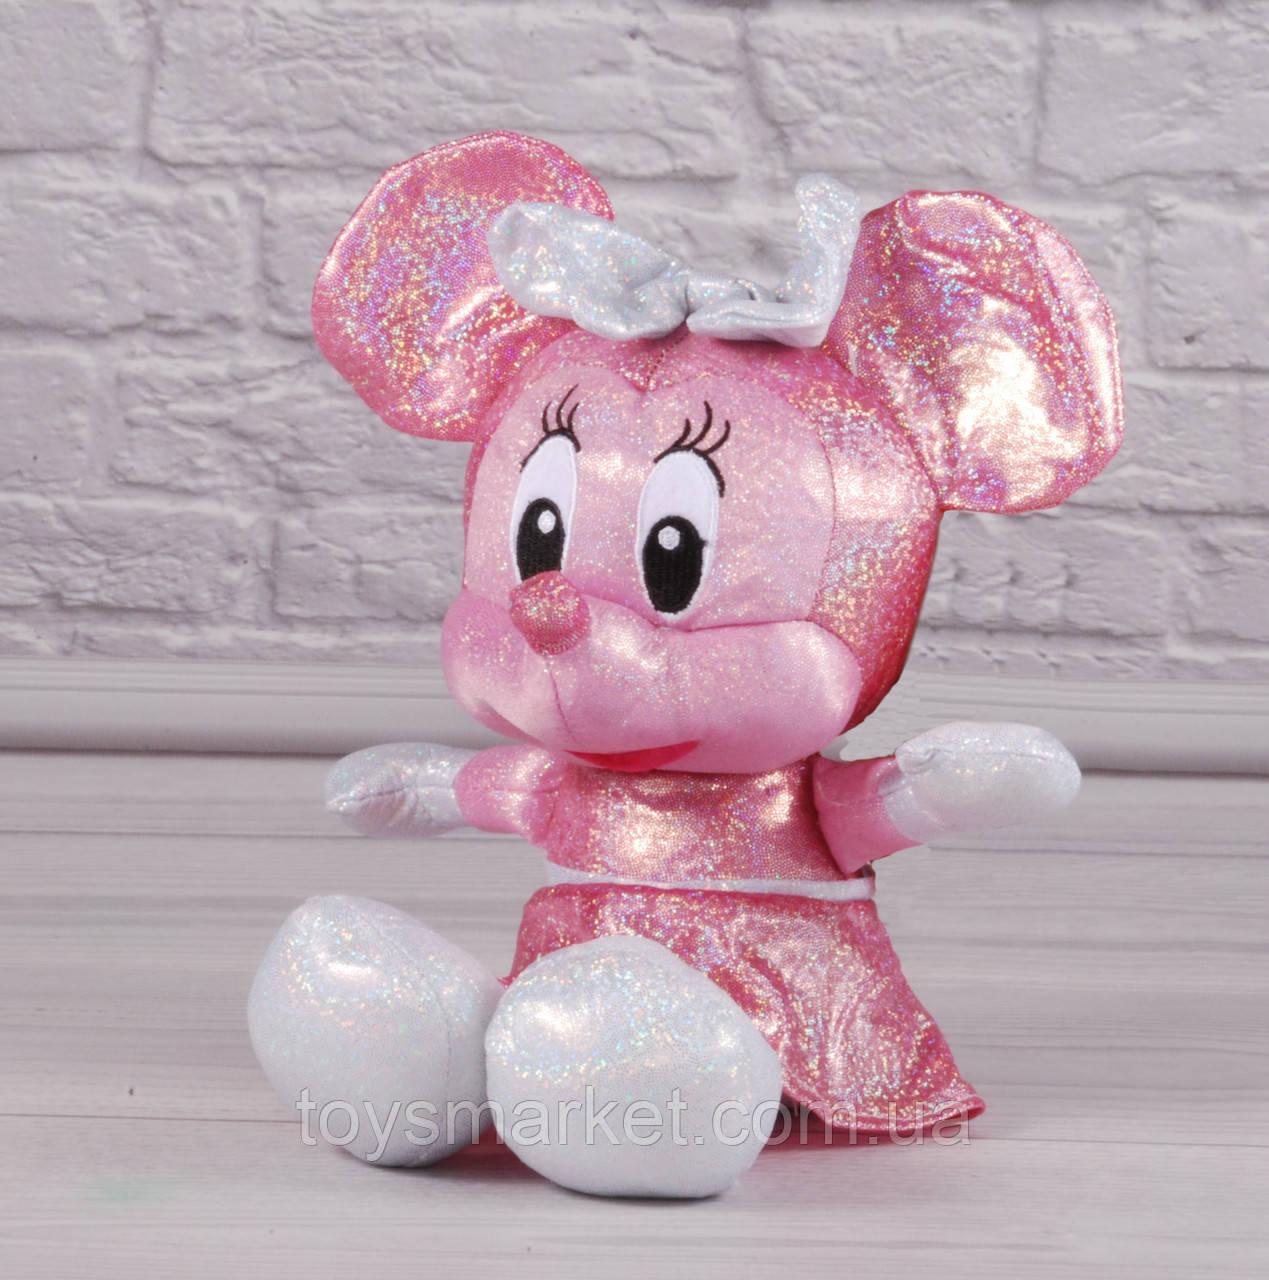 Мягкая игрушка мышка Минни Маус, Minni Mouse, плюшевая мышь